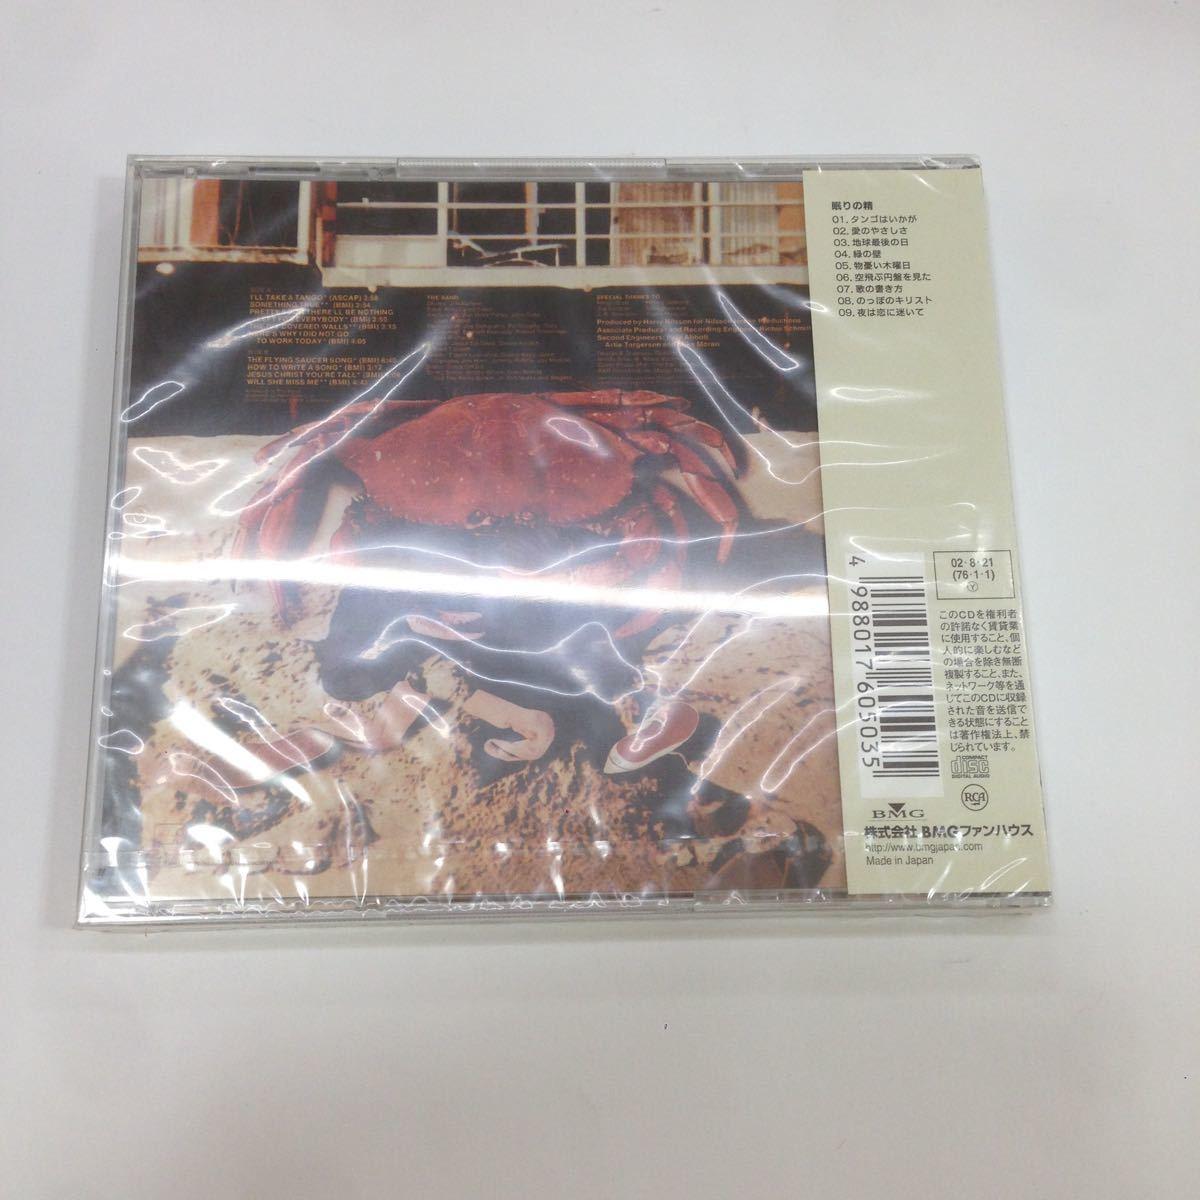 未開封新品 デッドストック 廃盤CD 貴重品 ニルソン Nilsson 眠りの精 SANDMAN BVCM-37253 BMGファンハウス_画像2